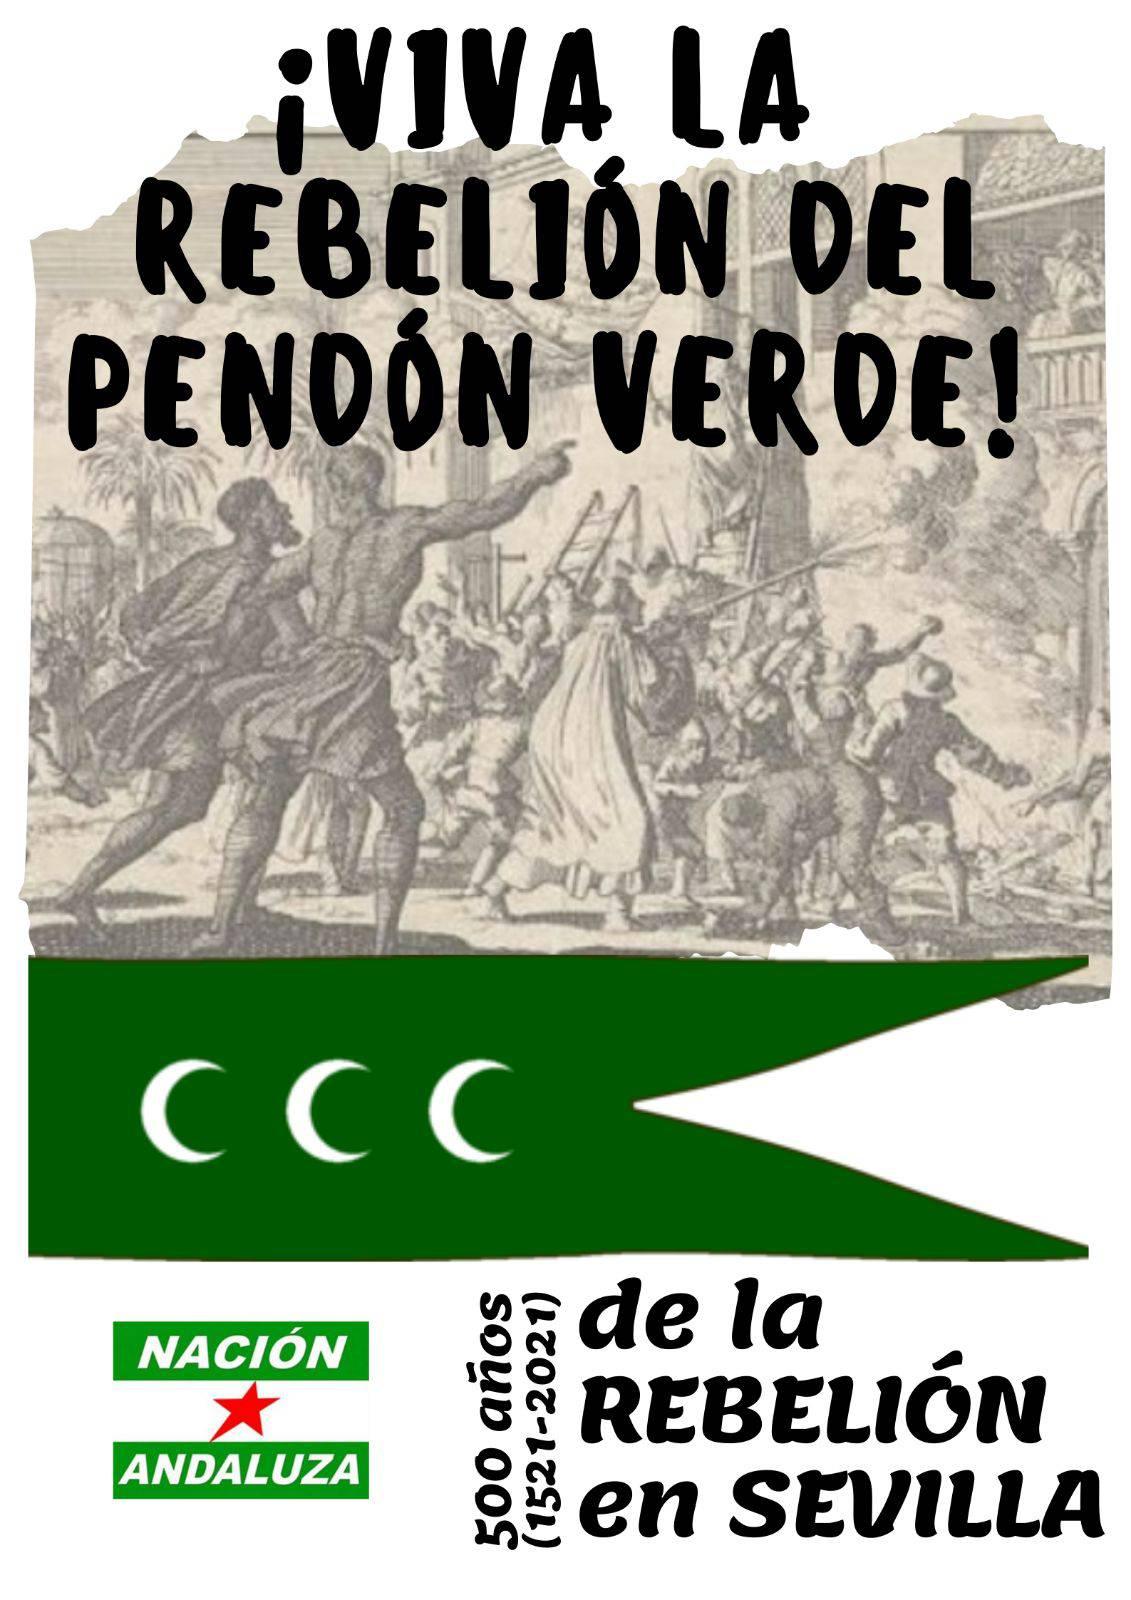 Nación Andaluza ante el V centenario del Motín del Pendón Verde sevillano ¡Viva la rebelión del Pendón Verde!